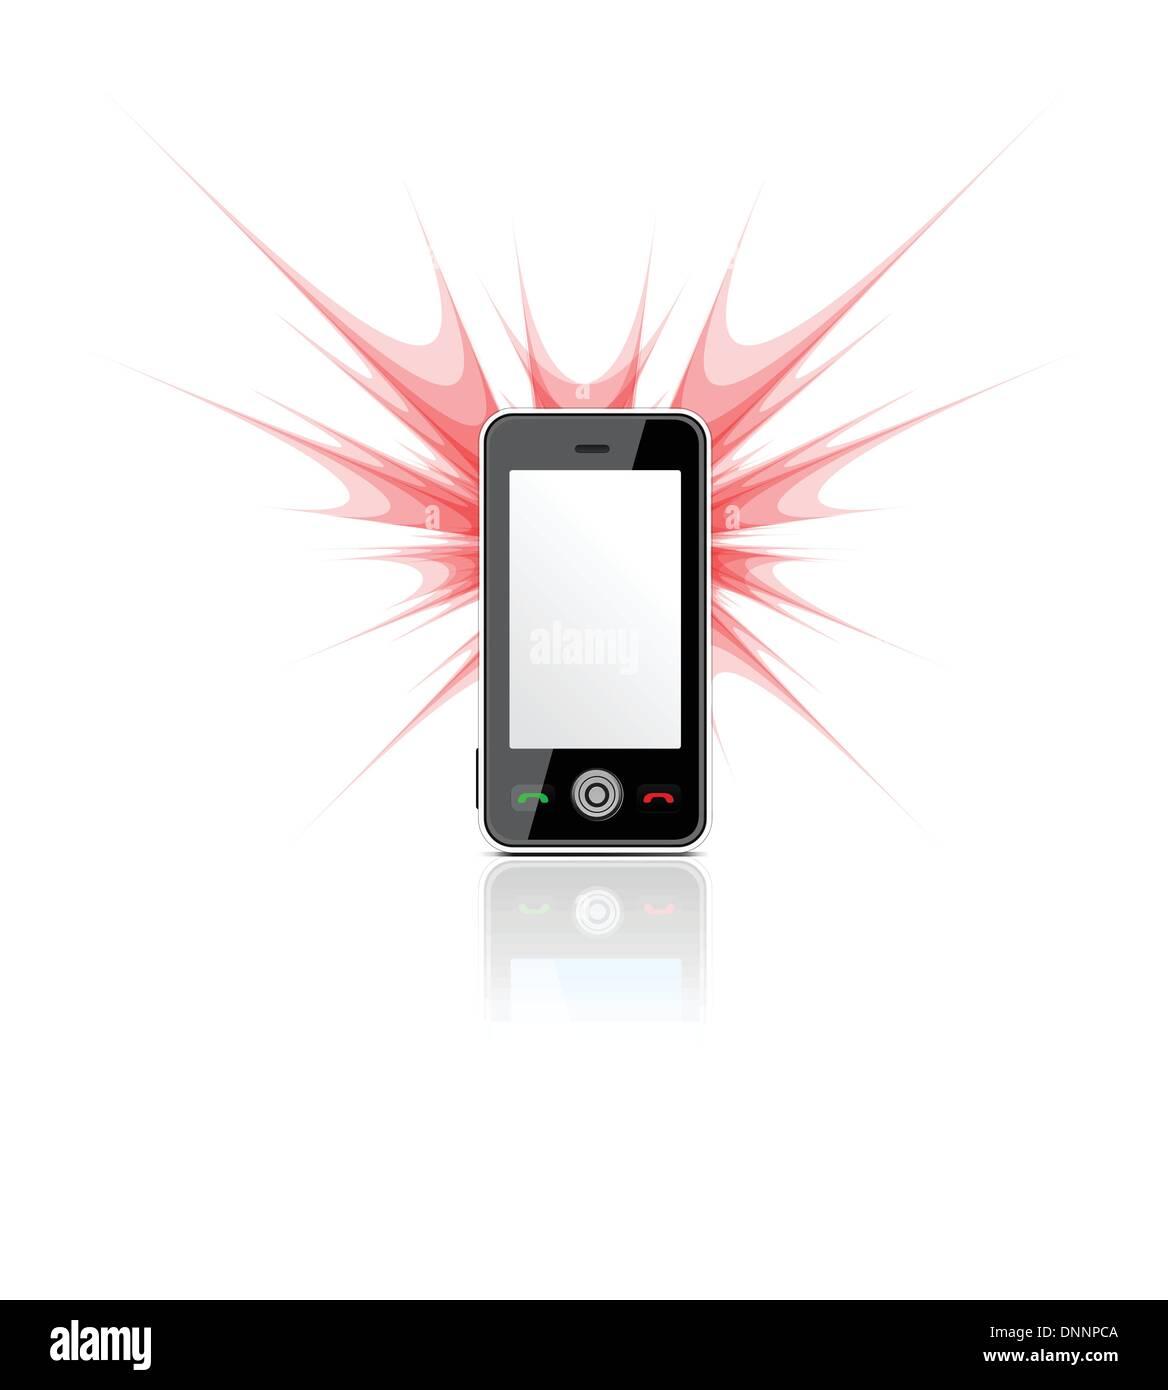 Blank telefono mobile utilizzato come una fotocamera con flash su bianco. Illustrazione Vettoriale Immagini Stock